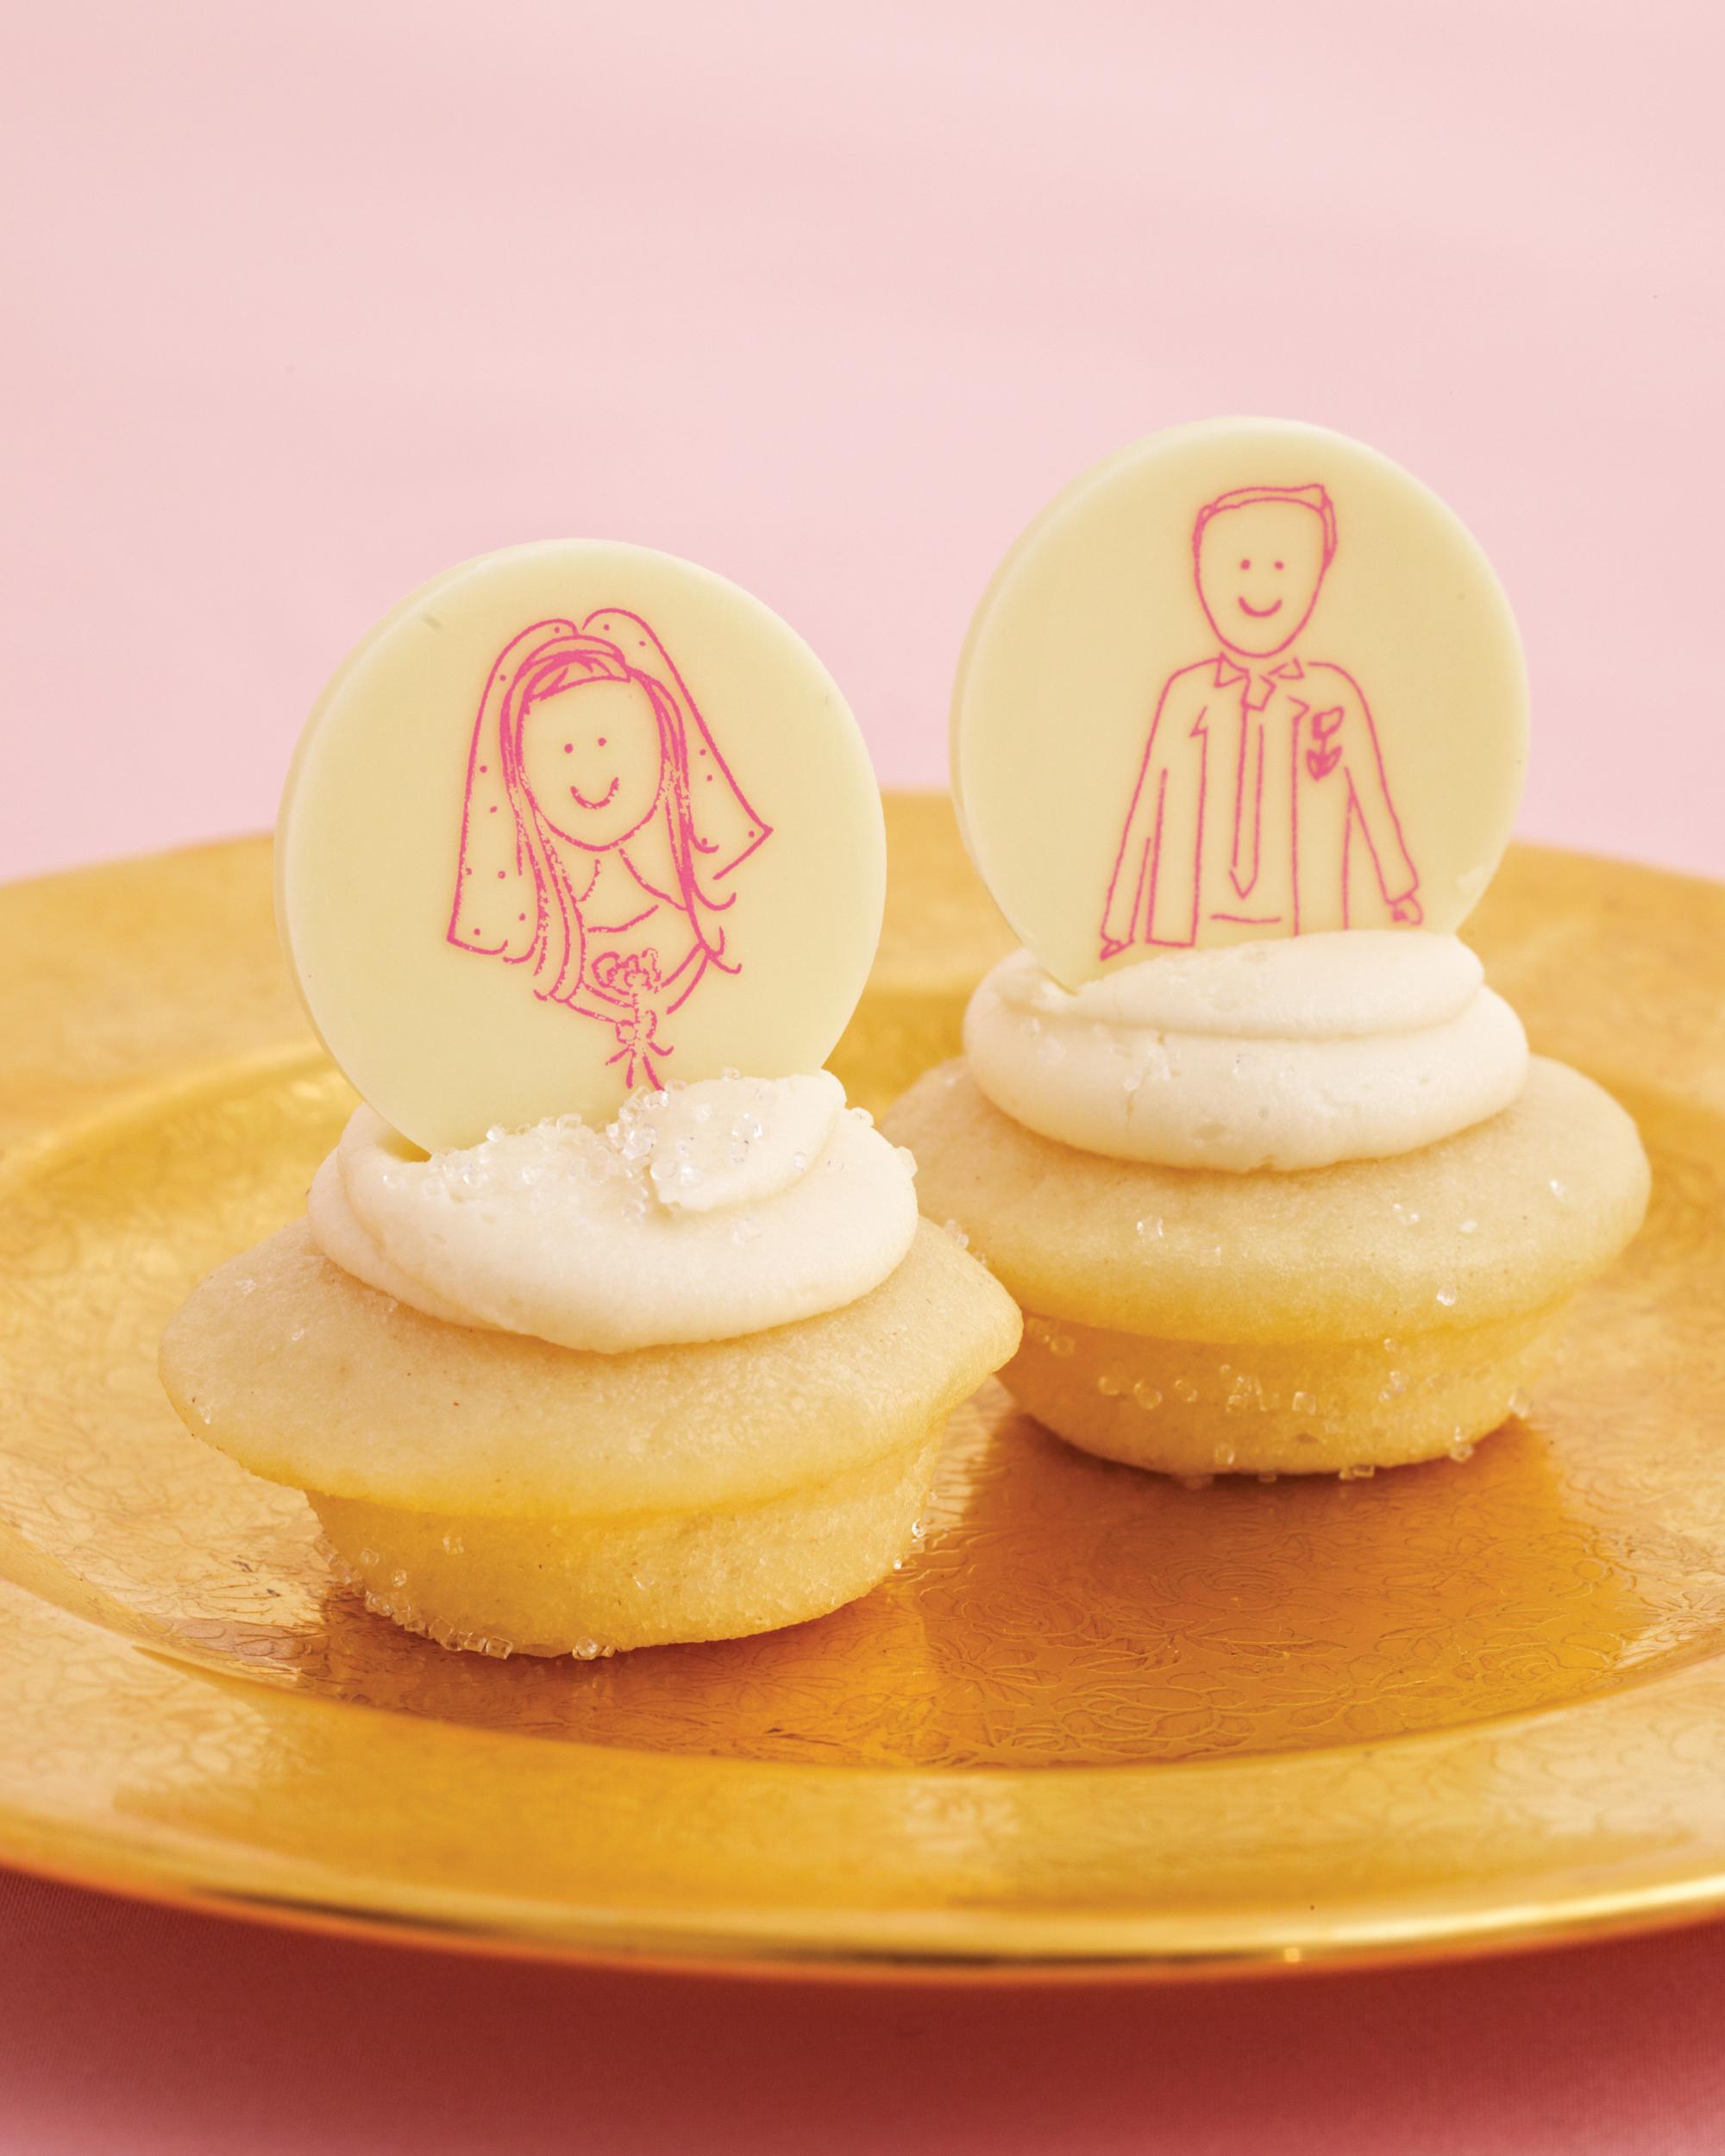 cupcake008-sum11mwd107286.jpg